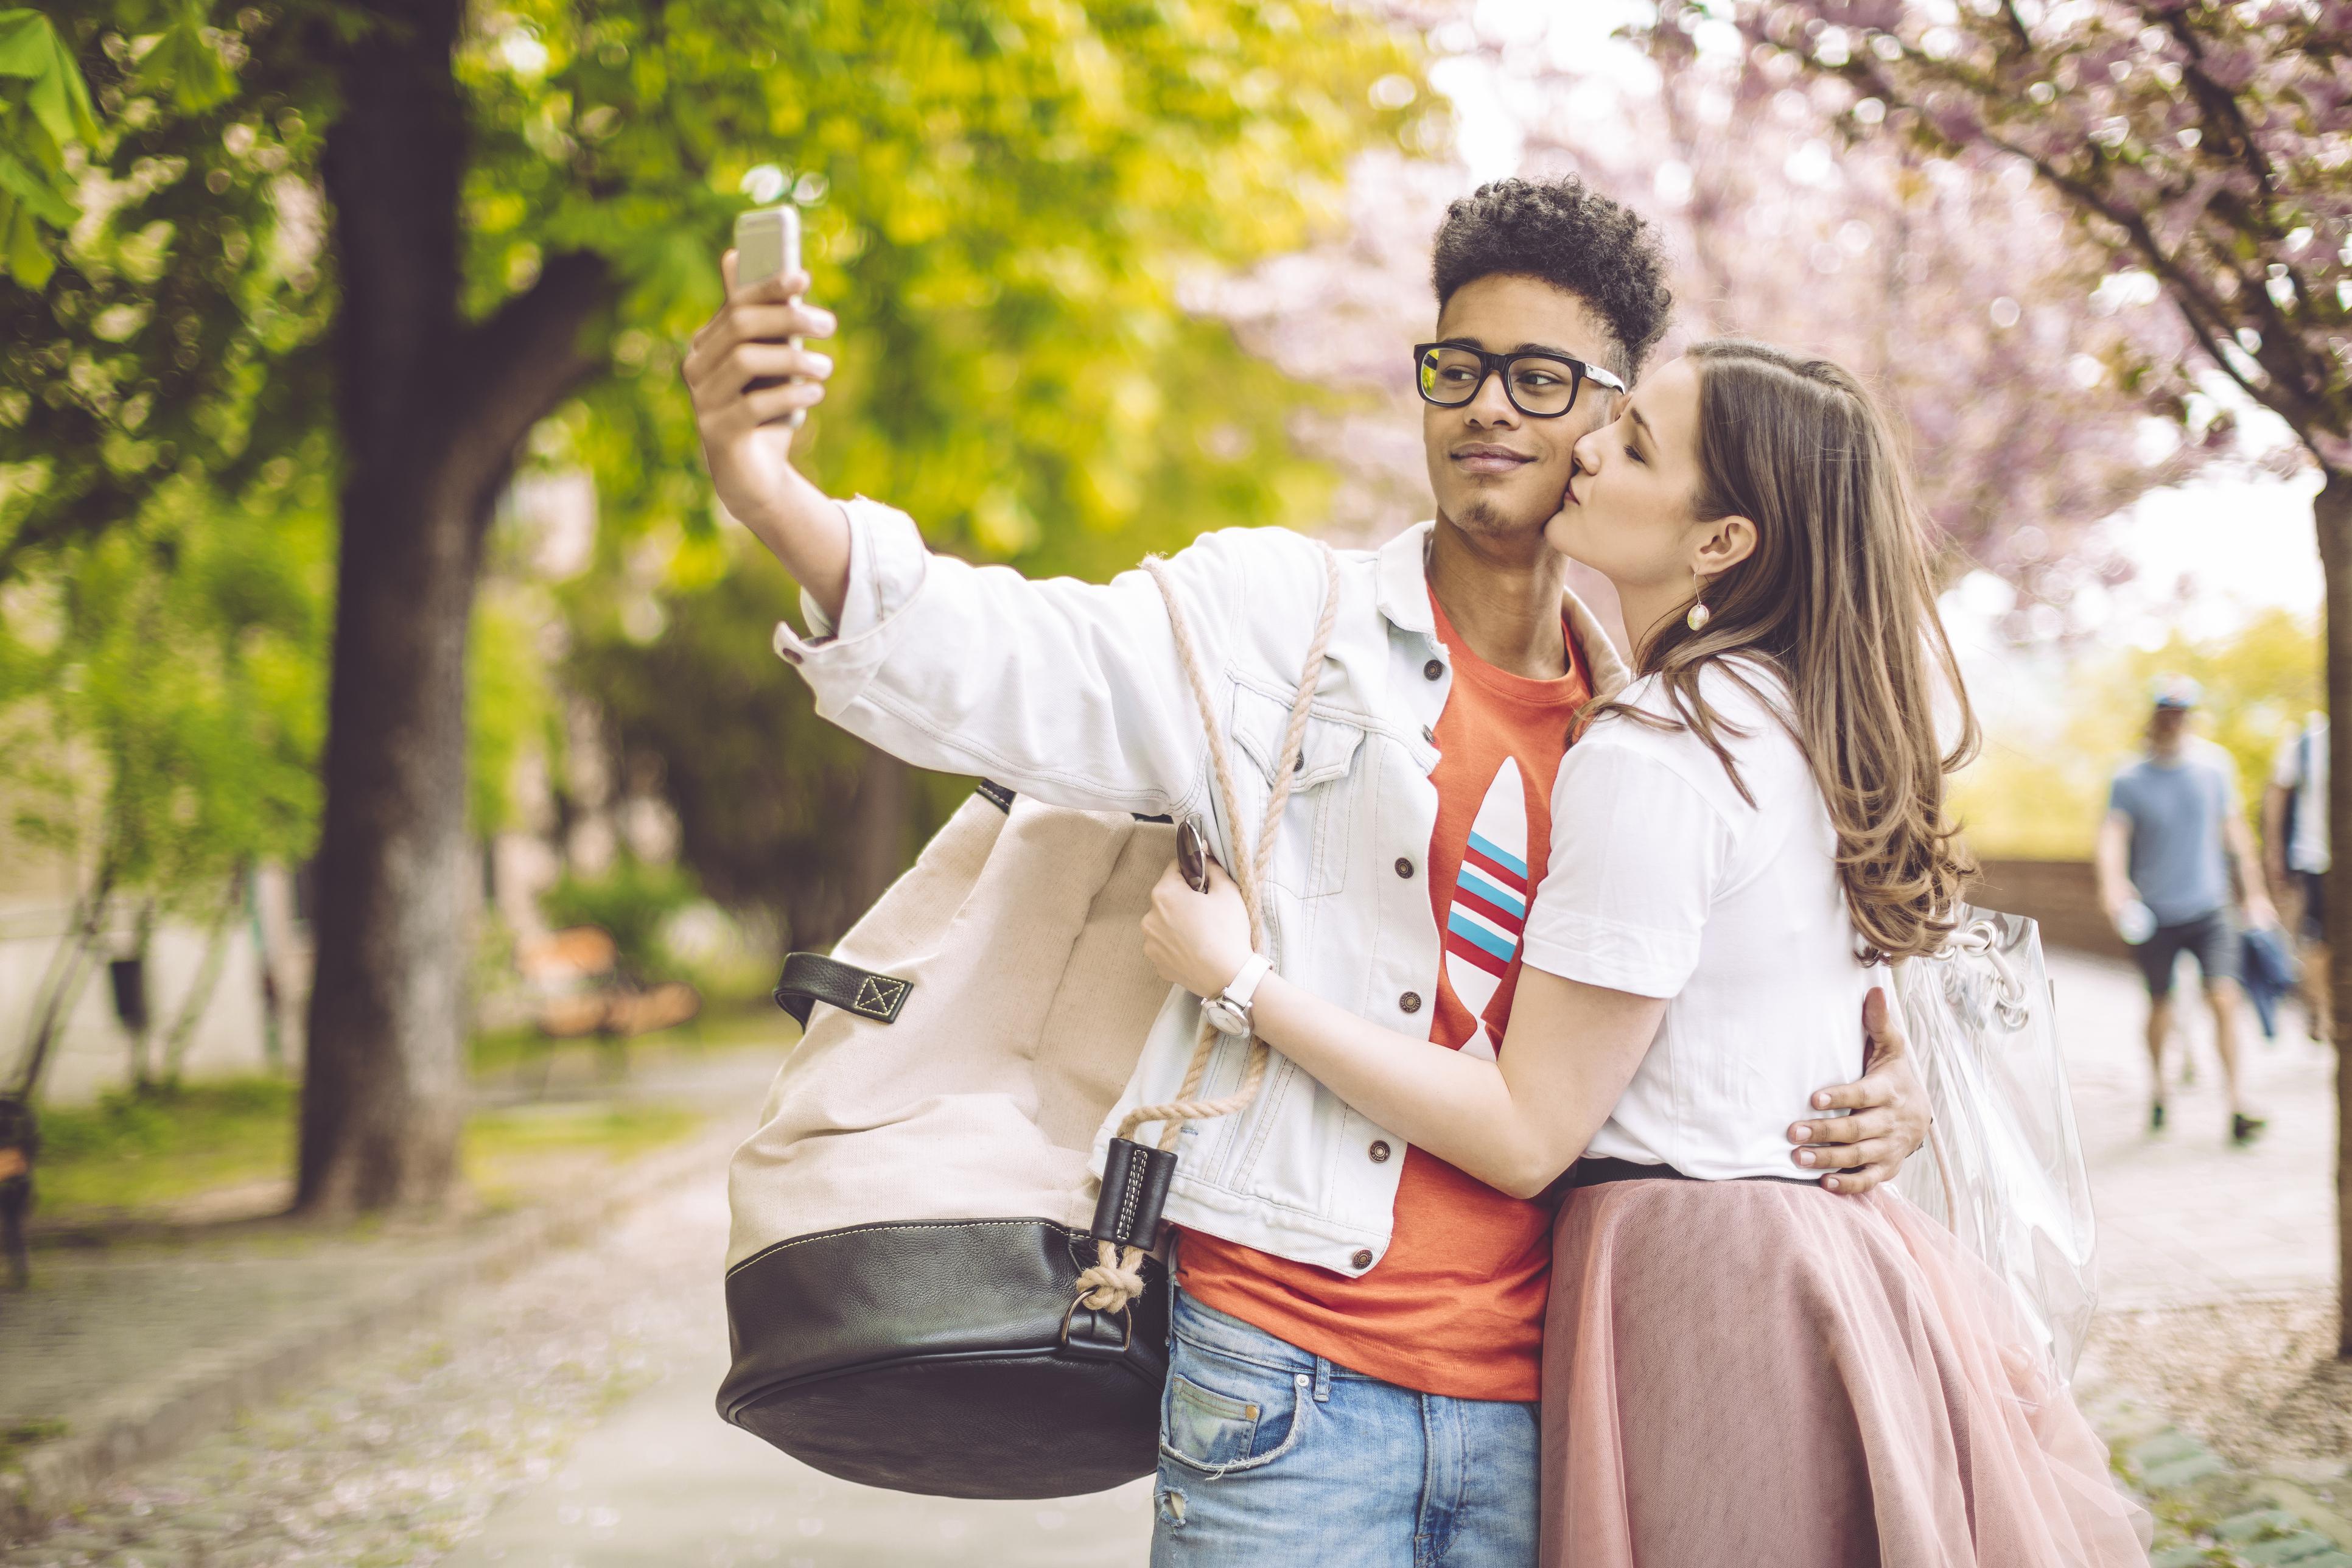 <p>В Чехия традицията на 14-ти февруари е двойките да се целунат под черешово дърво за късмет и любов през годината.</p>